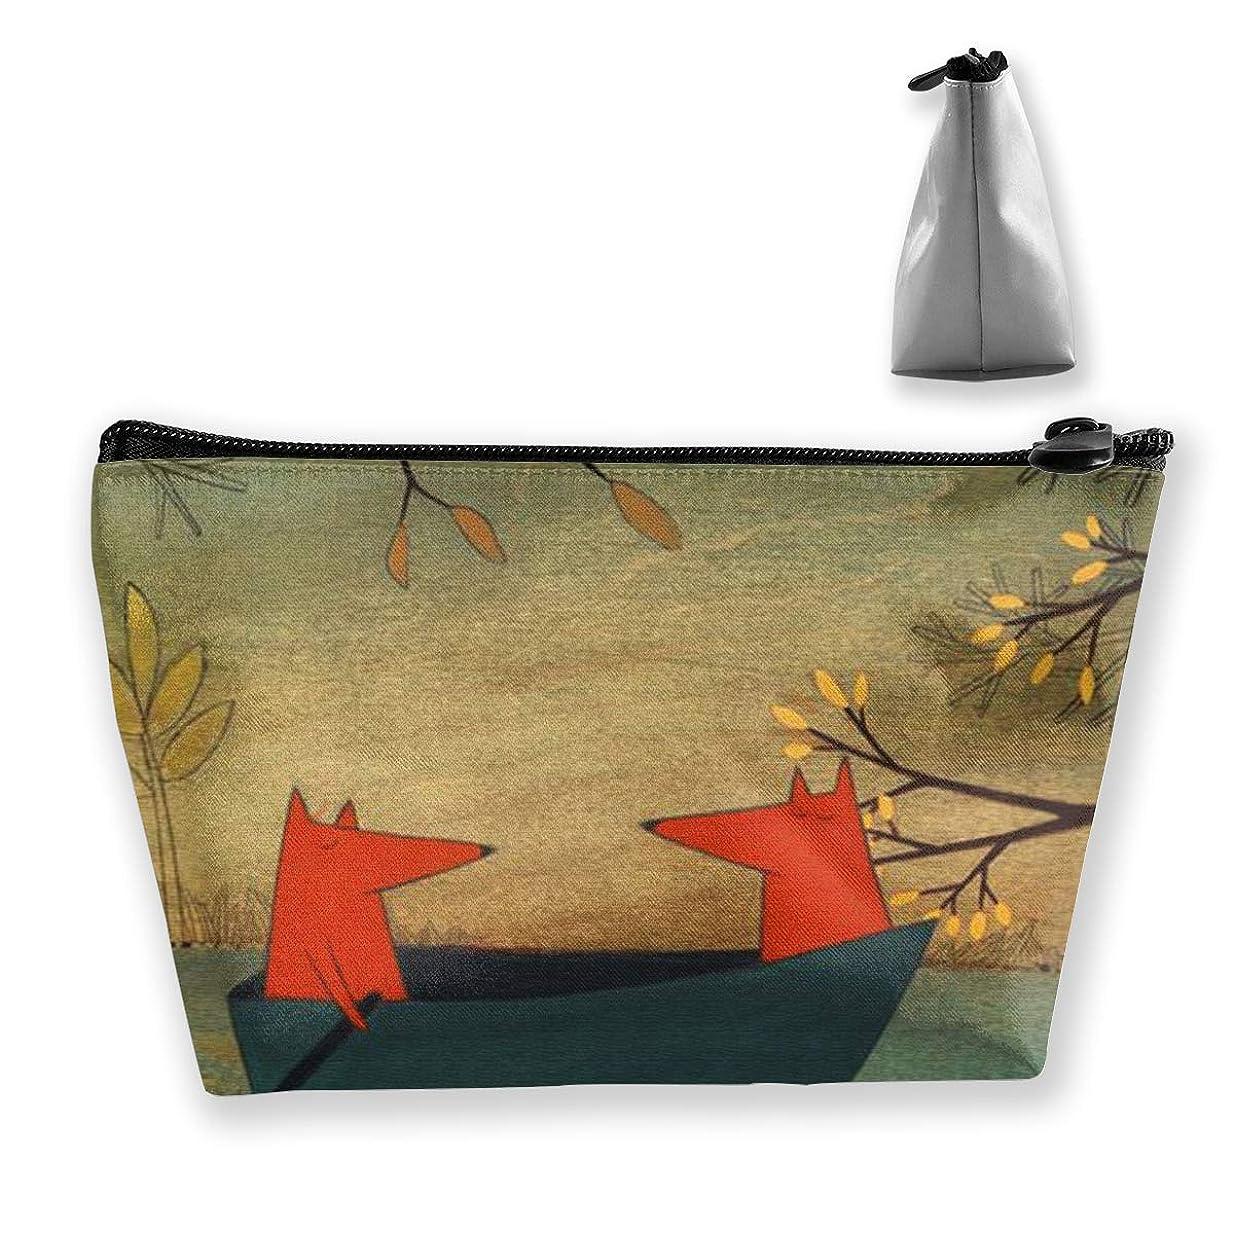 見積りありふれた元の秋の狐 化粧ポーチ メイクポーチ ミニ 財布 機能的 大容量 ポータブル 収納 小物入れ 普段使い 出張 旅行 ビーチサイド旅行